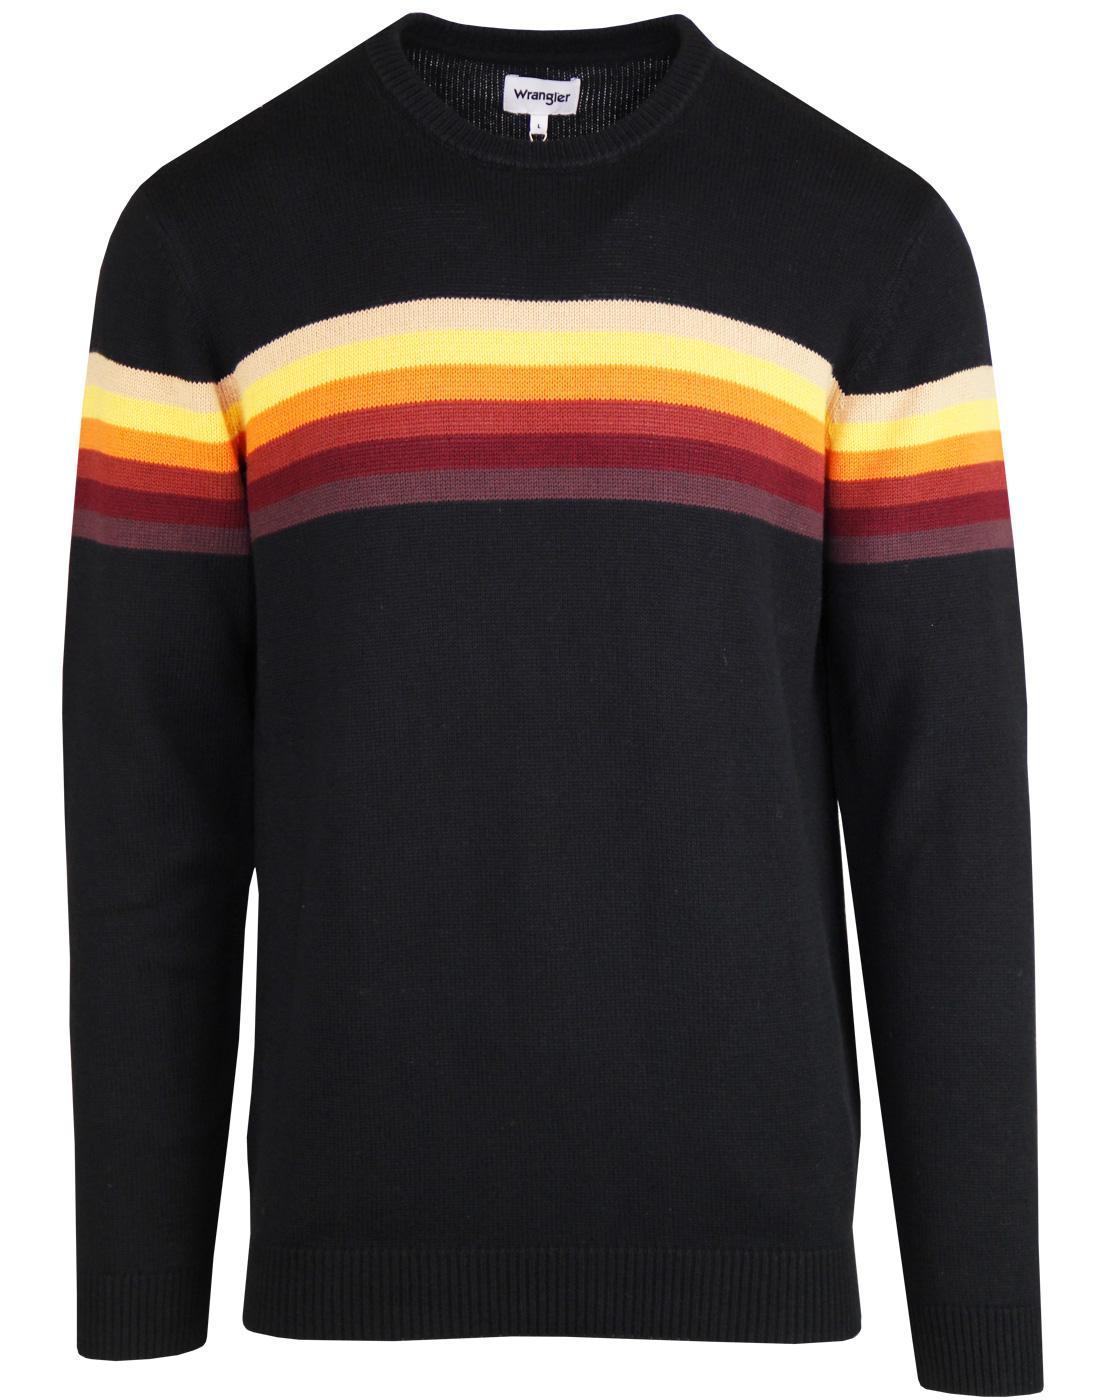 WRANGLER Retro 1970s Rainbow Stripe Knitted Jumper